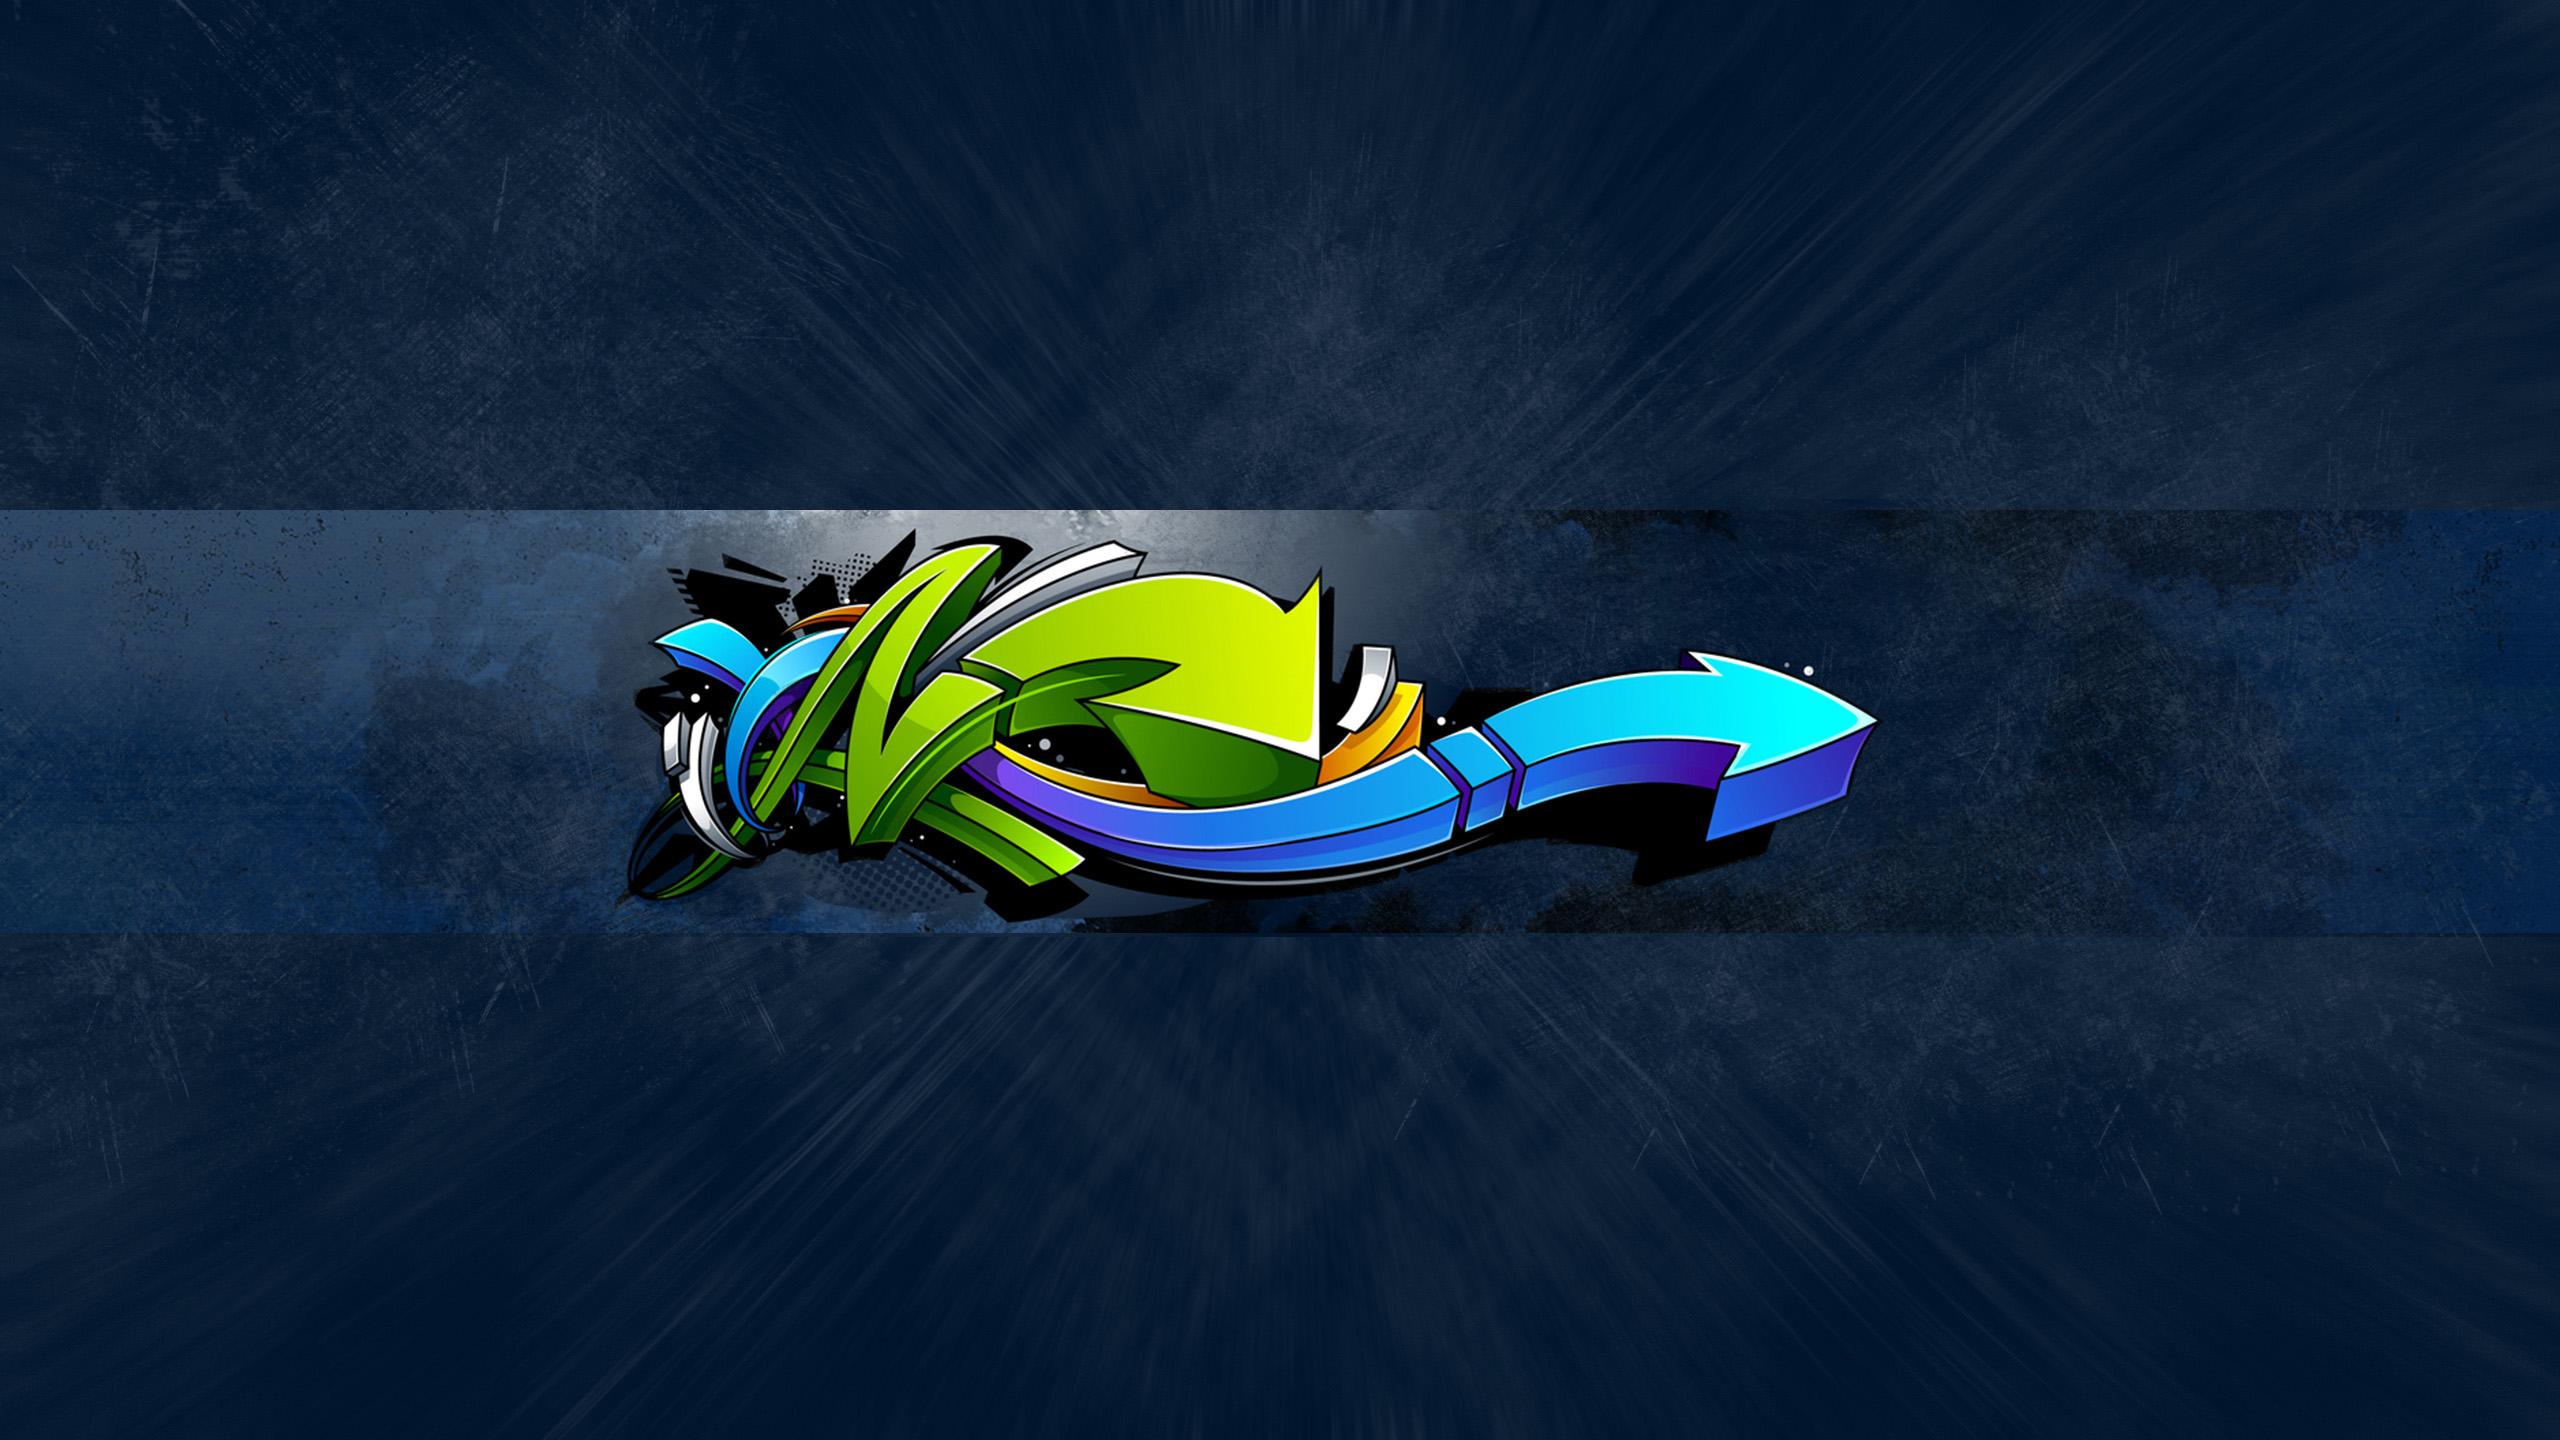 Картинка под макет шапки для youtube с голубым графическим дизайном.